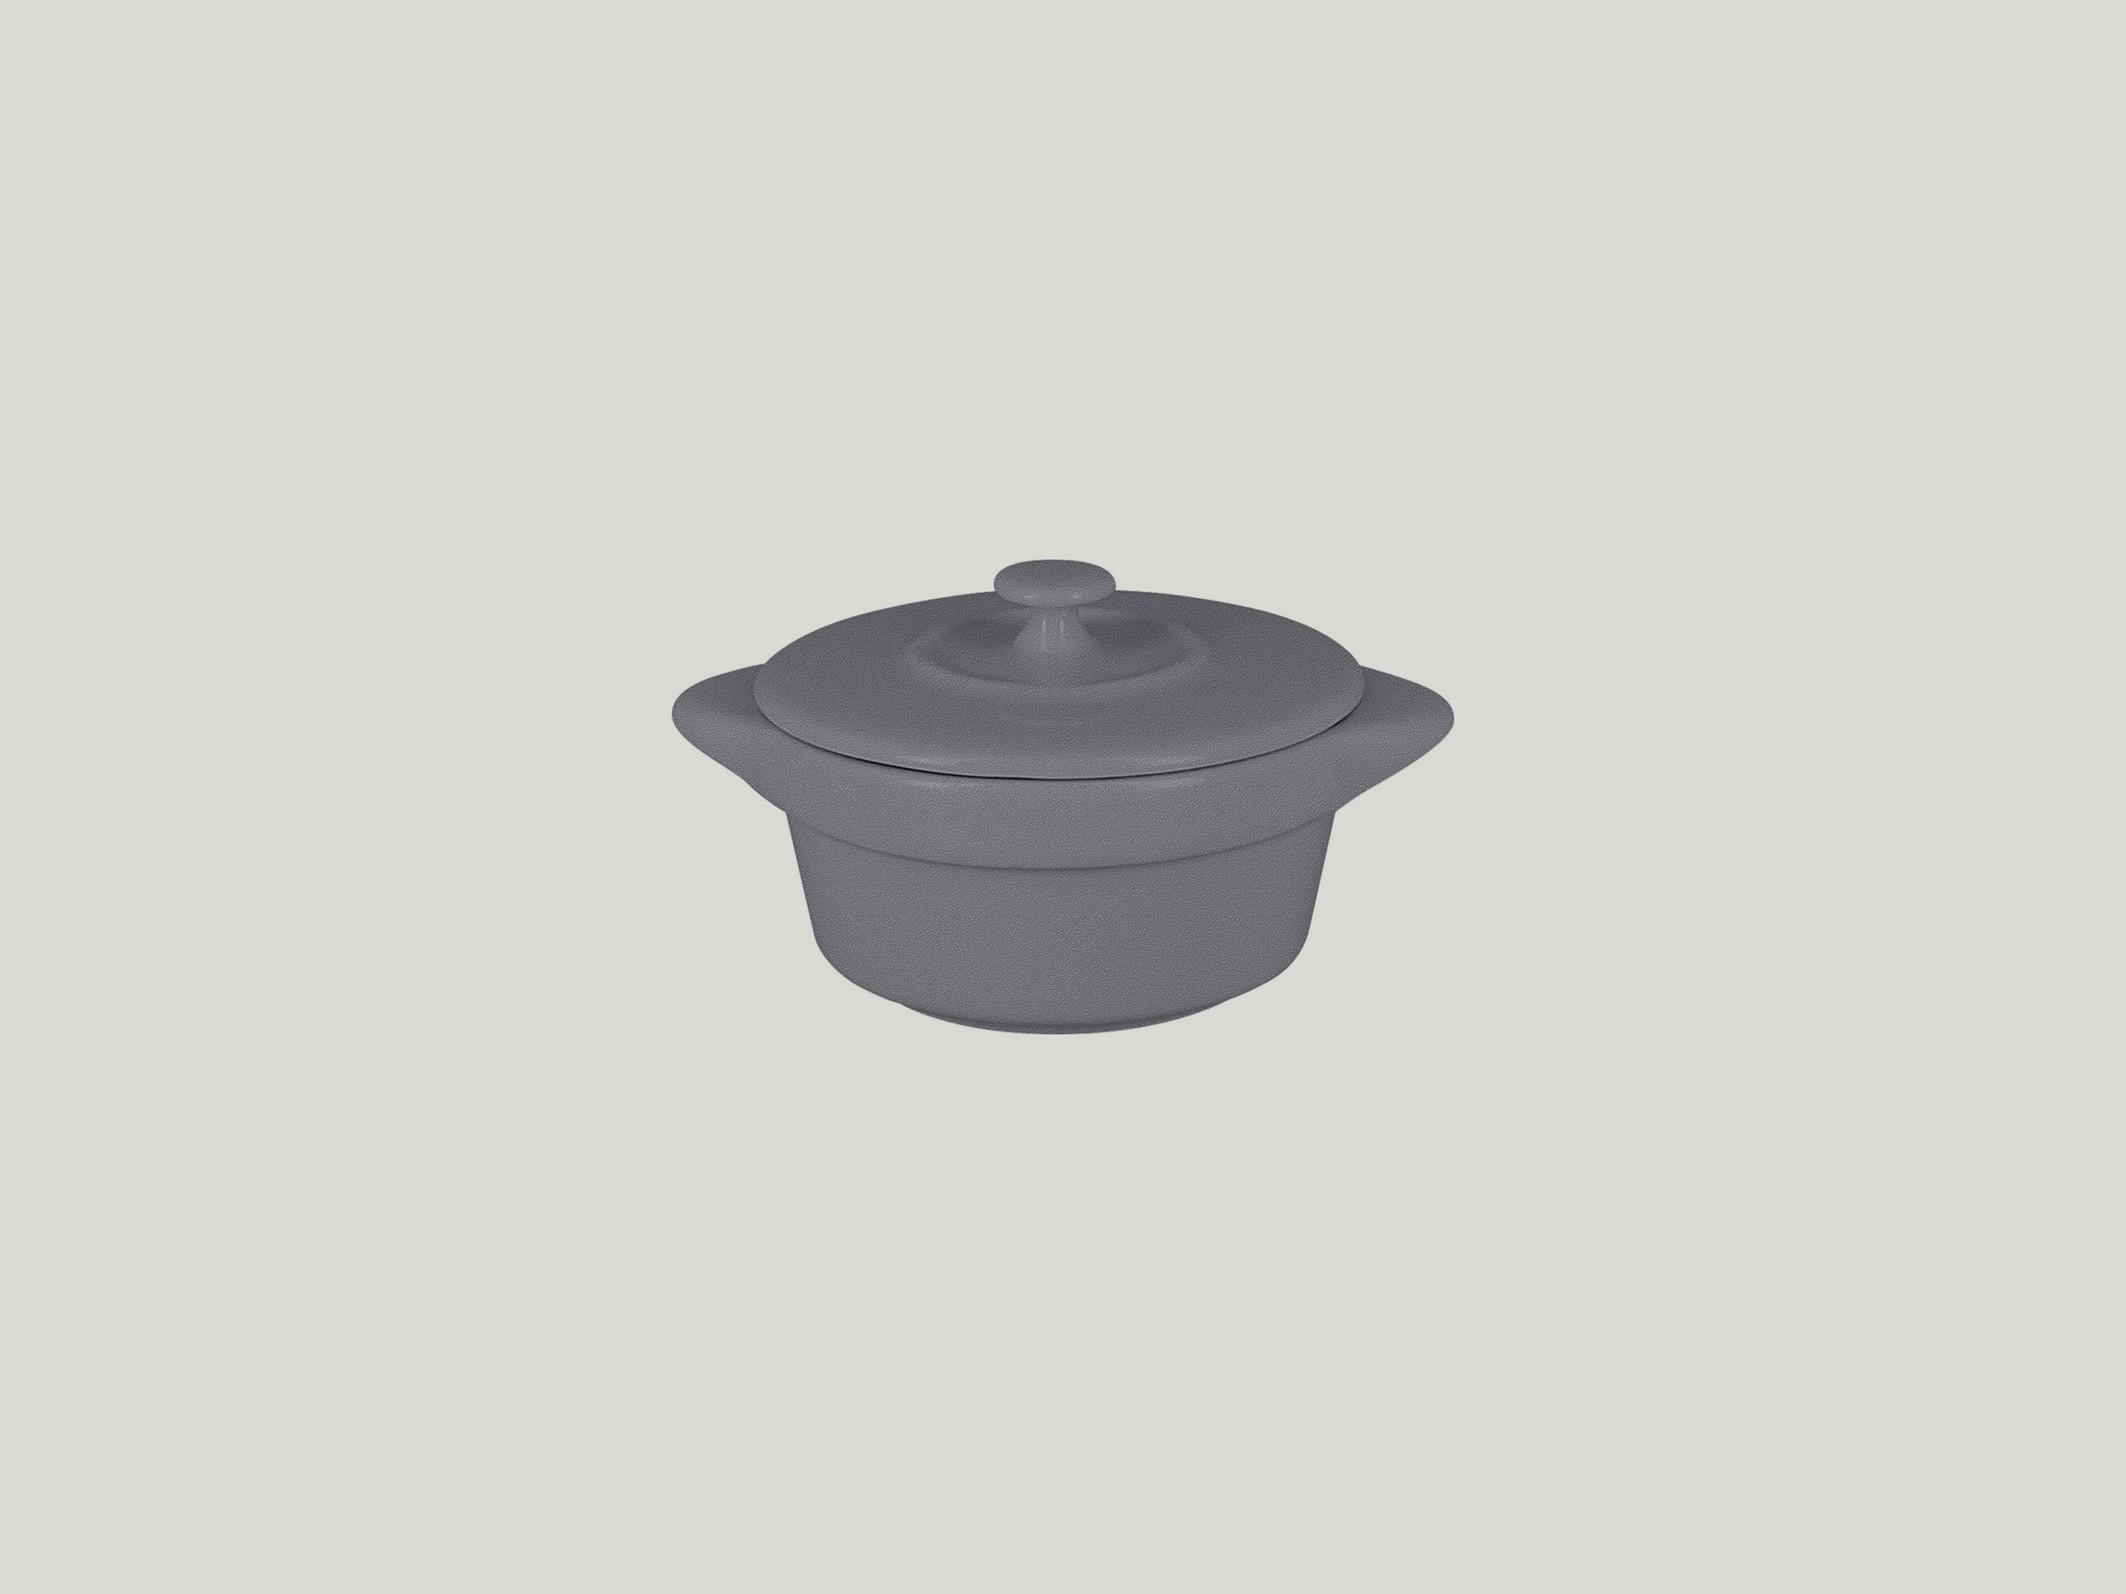 Chefs fusion Mini hrnec s pokličkou šedý